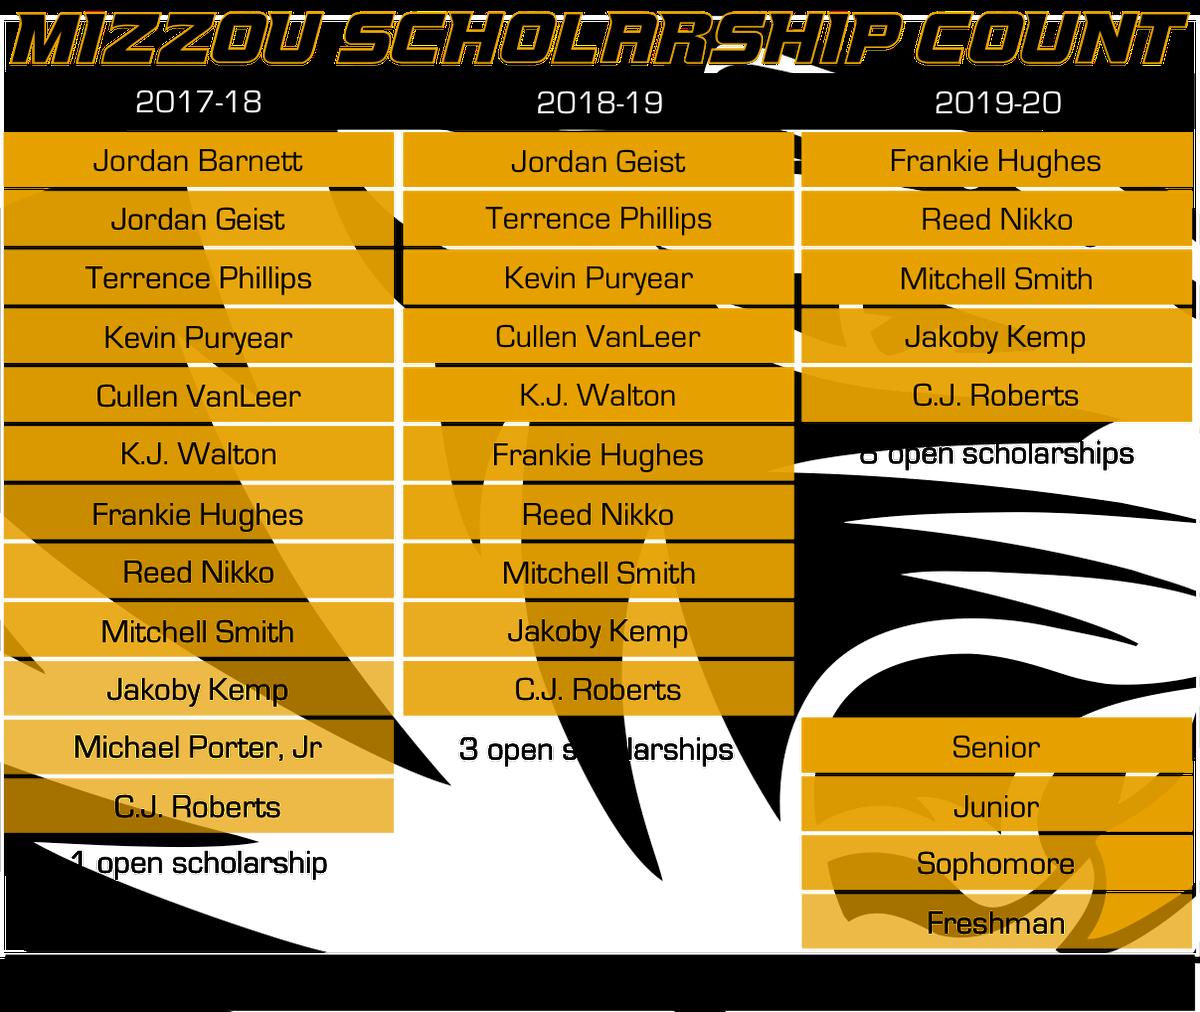 Mizzou Scholarship Count 3-24-17